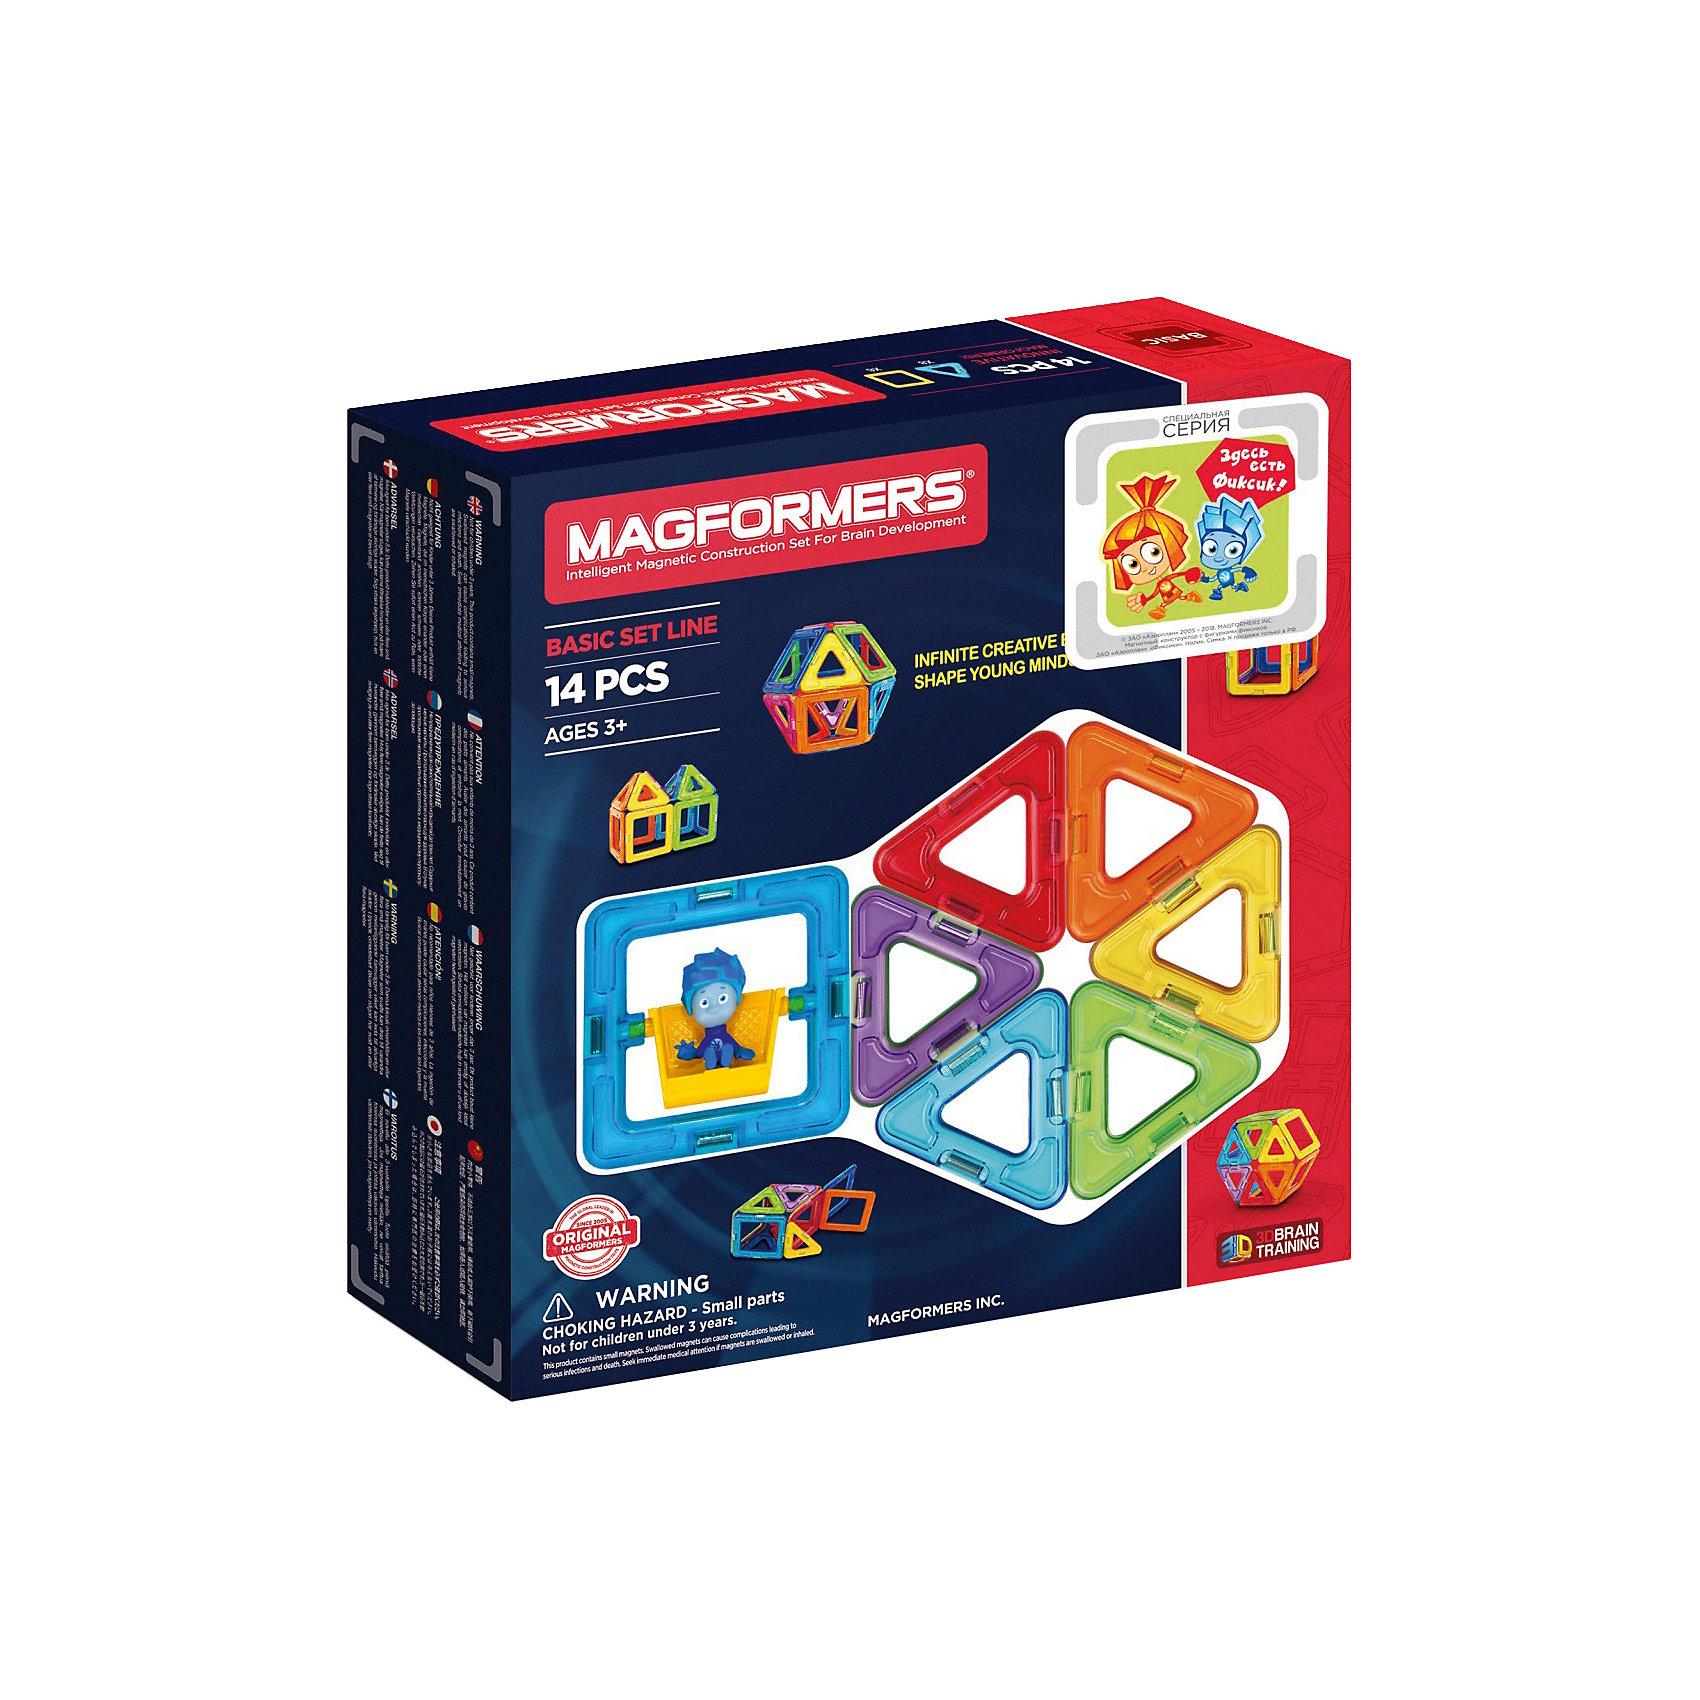 Магнитный конструктор MAGFORMERS 14Магнитные конструкторы<br>Магнитный конструктор MAGFORMERS 14- отличный набор, который можно смело рекомндовать детям от 1 года, идеально подходит для начала общения с семейством конструкторов Magformers.<br><br>В состав набора входят базовые фигуры Magformers - треугольники и квадраты, все детали разноцветные, яркие, и без сомнения понравятся ребенку.<br><br>Несмотря на то, что набор содержит небольшое количество деталей, его возможности достаточно широки. Ребенок научится различить геометрические формы, цвета, сможет освоить новый мир форм, делать несложные аппликации. Малыш сам создаст свой первый домик не только на плоскости, но и в трехмерном пространстве, таким образом сможет почувствовать разницу между двухмерными и объемными фигурами.<br><br>Набор «Magformers 14» содержит 14 элементов:<br><br>- треугольник: 8 шт.<br>- квадрат: 6 шт.<br><br>Ширина мм: 230<br>Глубина мм: 220<br>Высота мм: 50<br>Вес г: 300<br>Возраст от месяцев: 36<br>Возраст до месяцев: 192<br>Пол: Унисекс<br>Возраст: Детский<br>SKU: 3323946